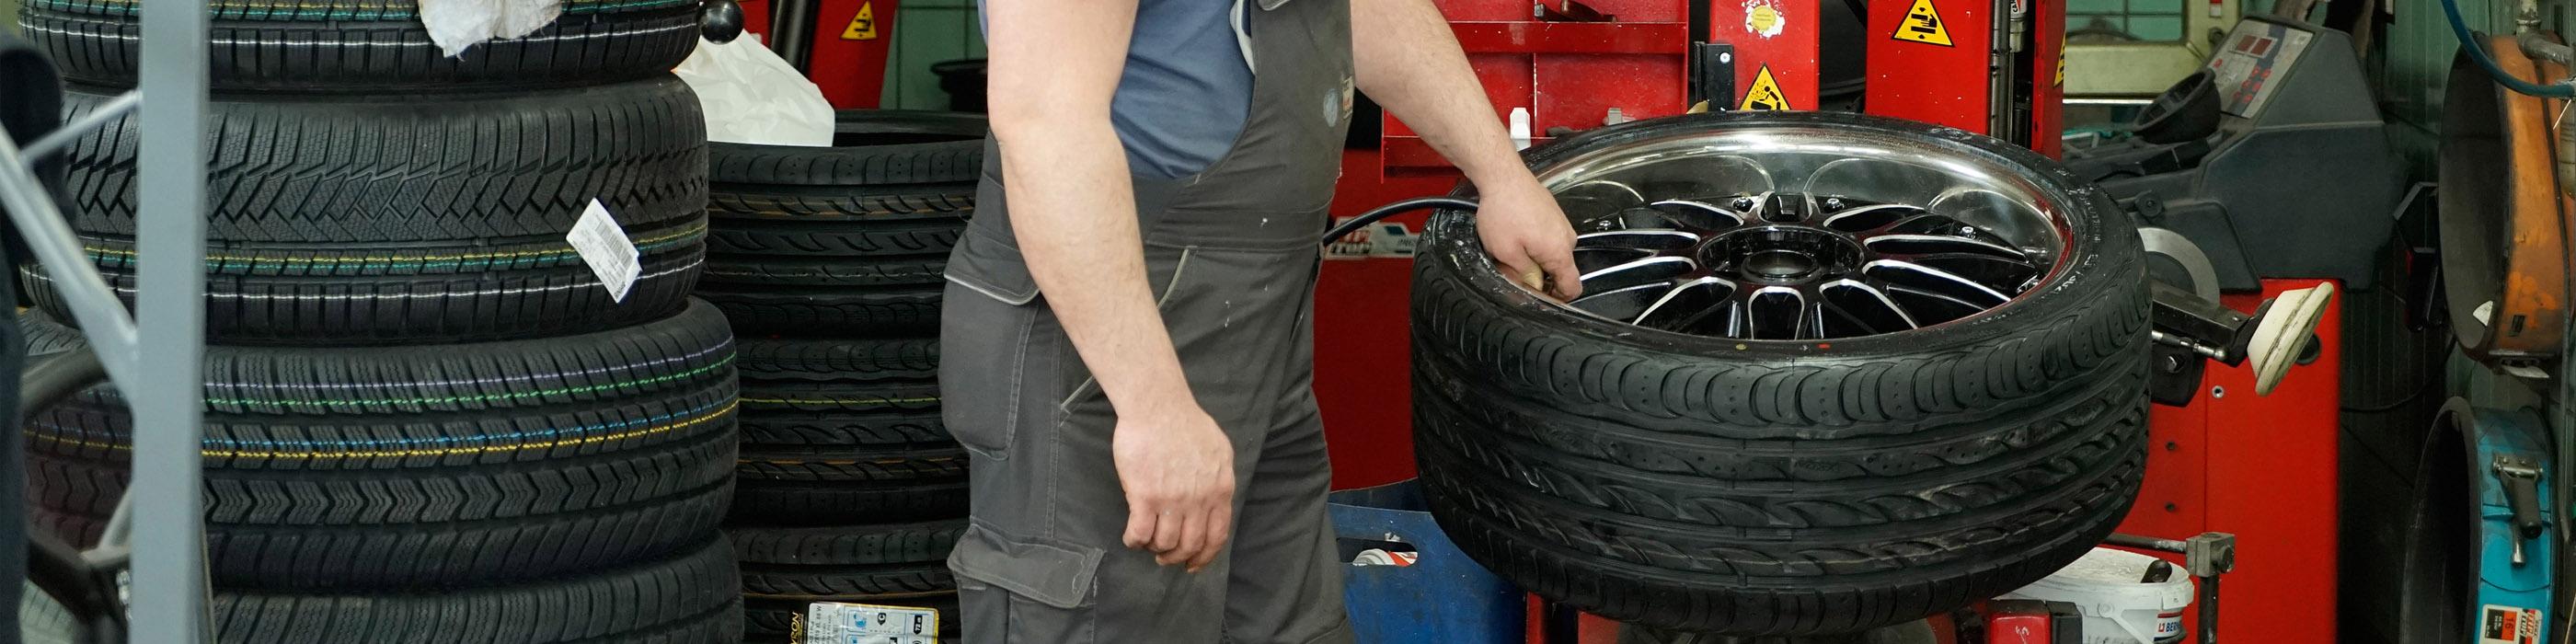 Autohaus Leikeim Marktzeuln Reifen und Felgen - Montage